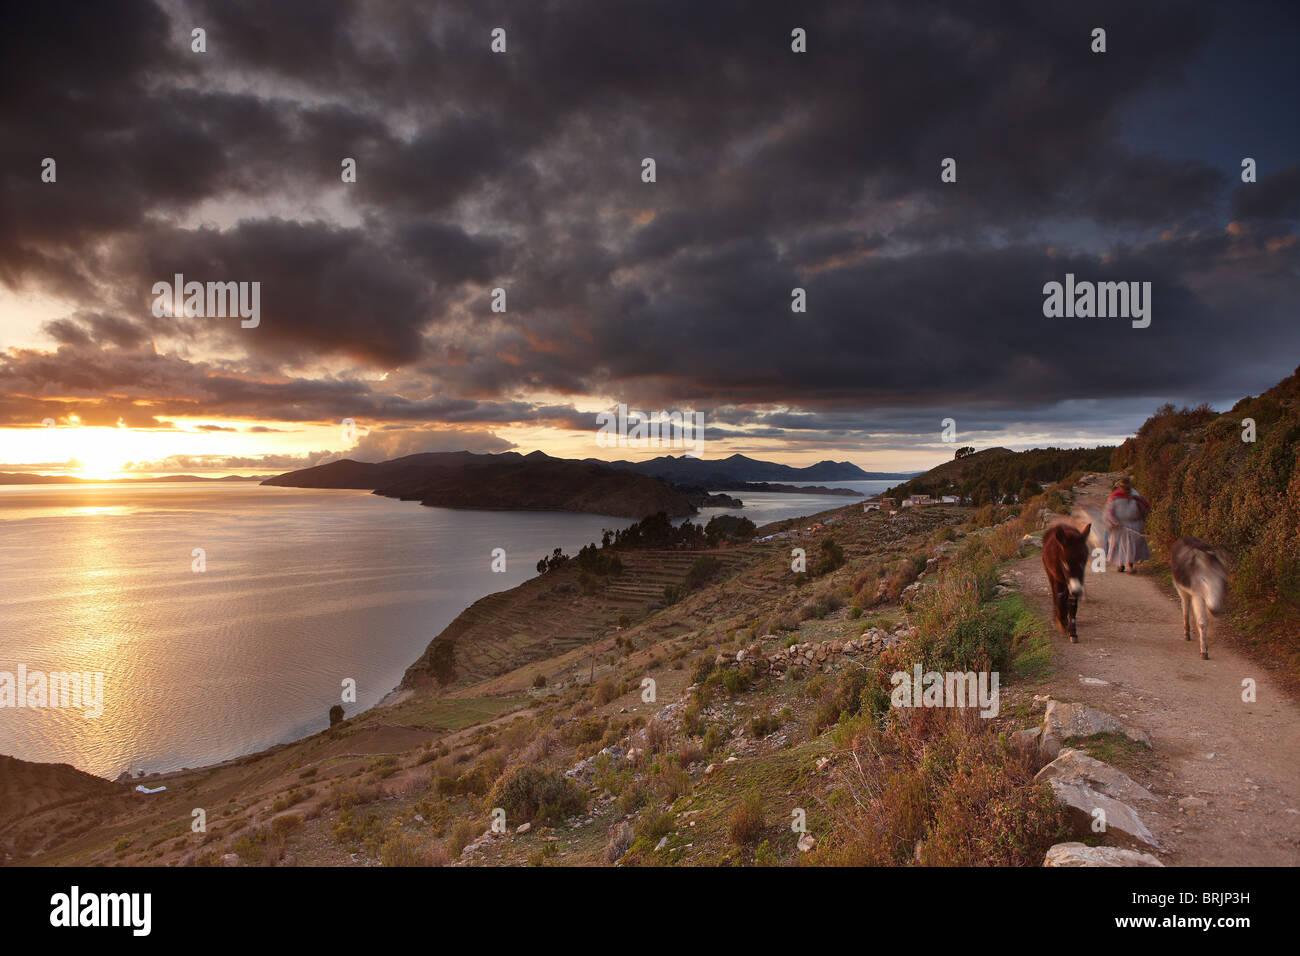 Lake Titicaca at dawn, Bolivia - Stock Image